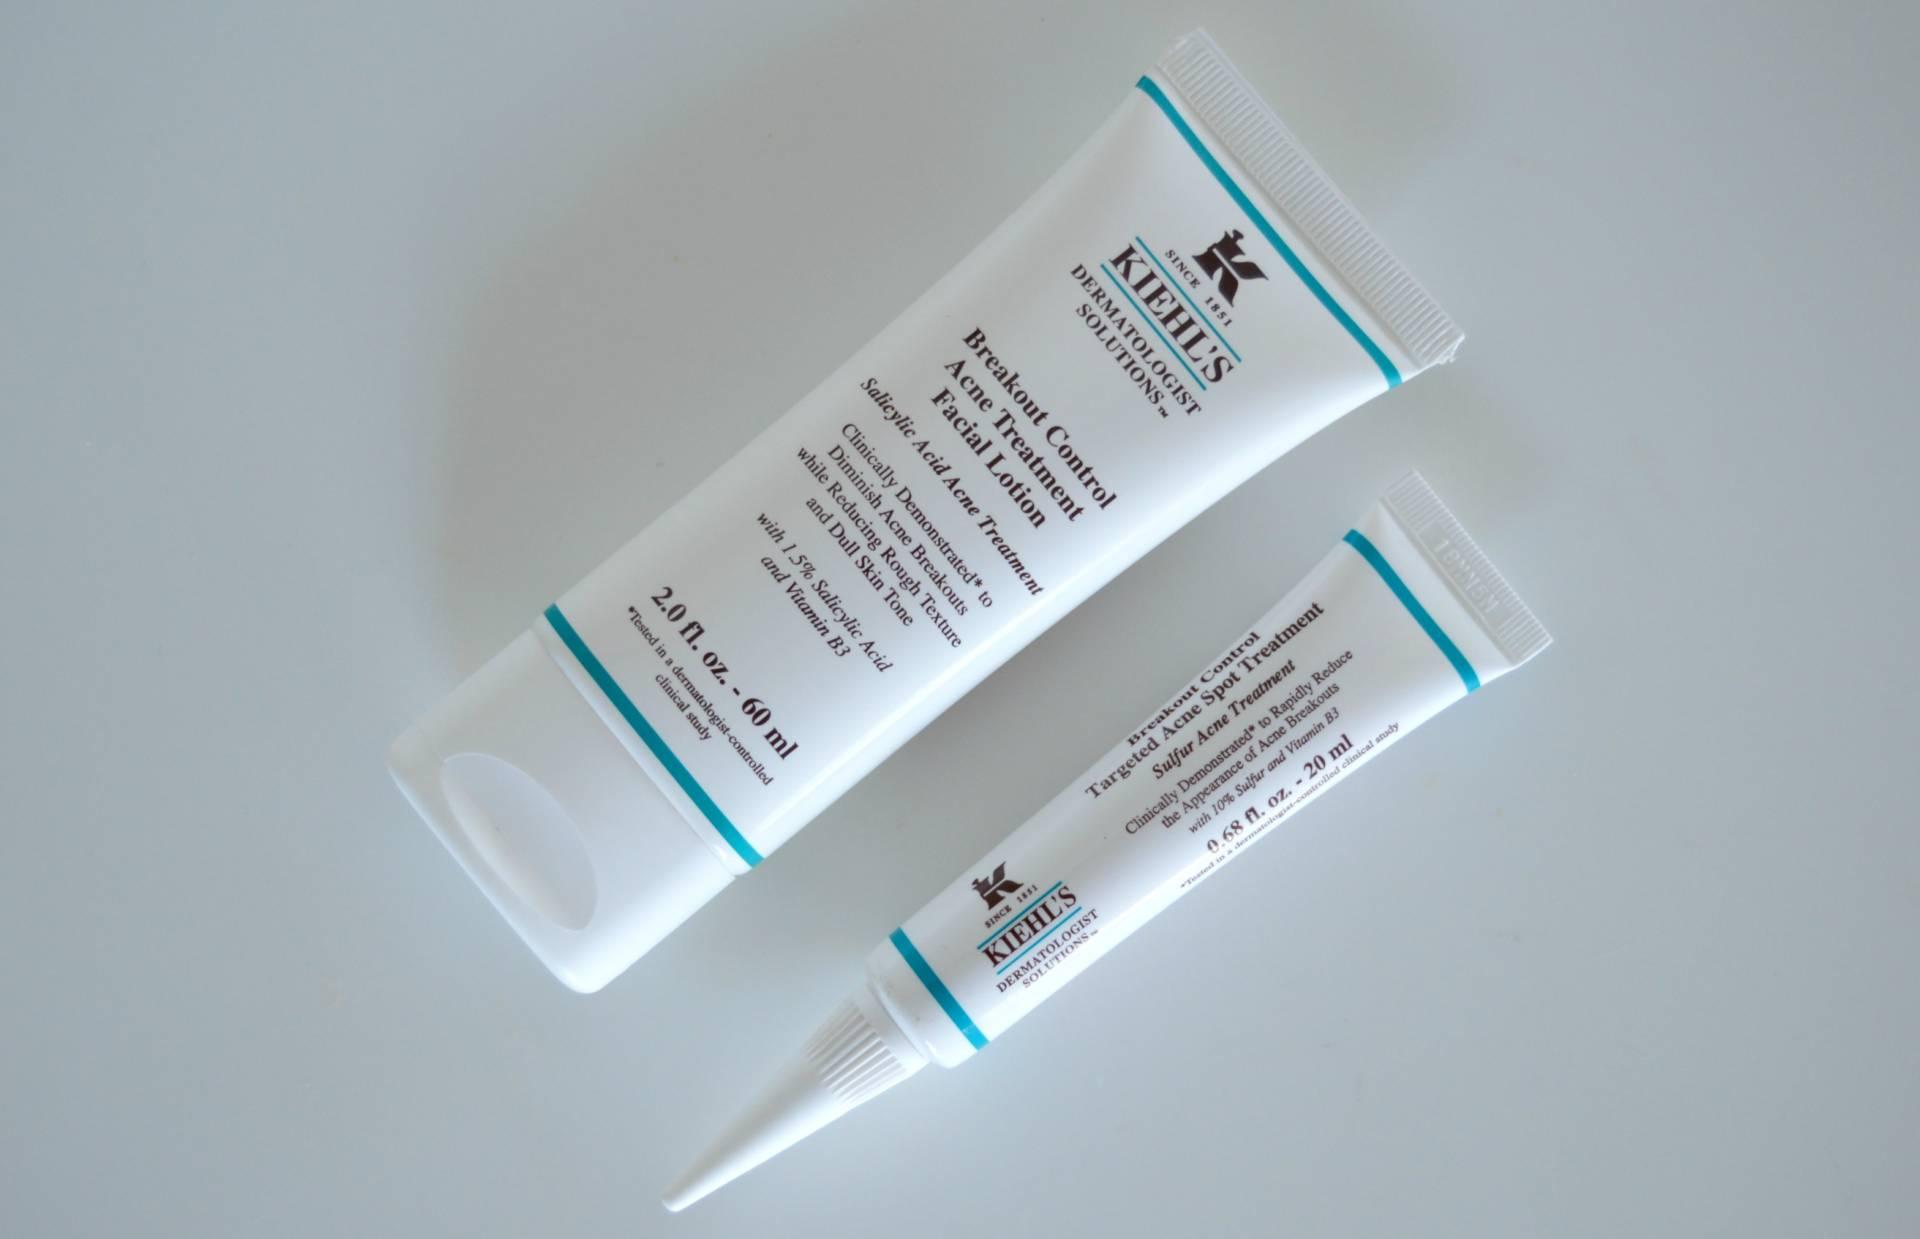 kiehls-breakout-control-facial-lotion-acne-spot-treatment-review-inhautepursuit